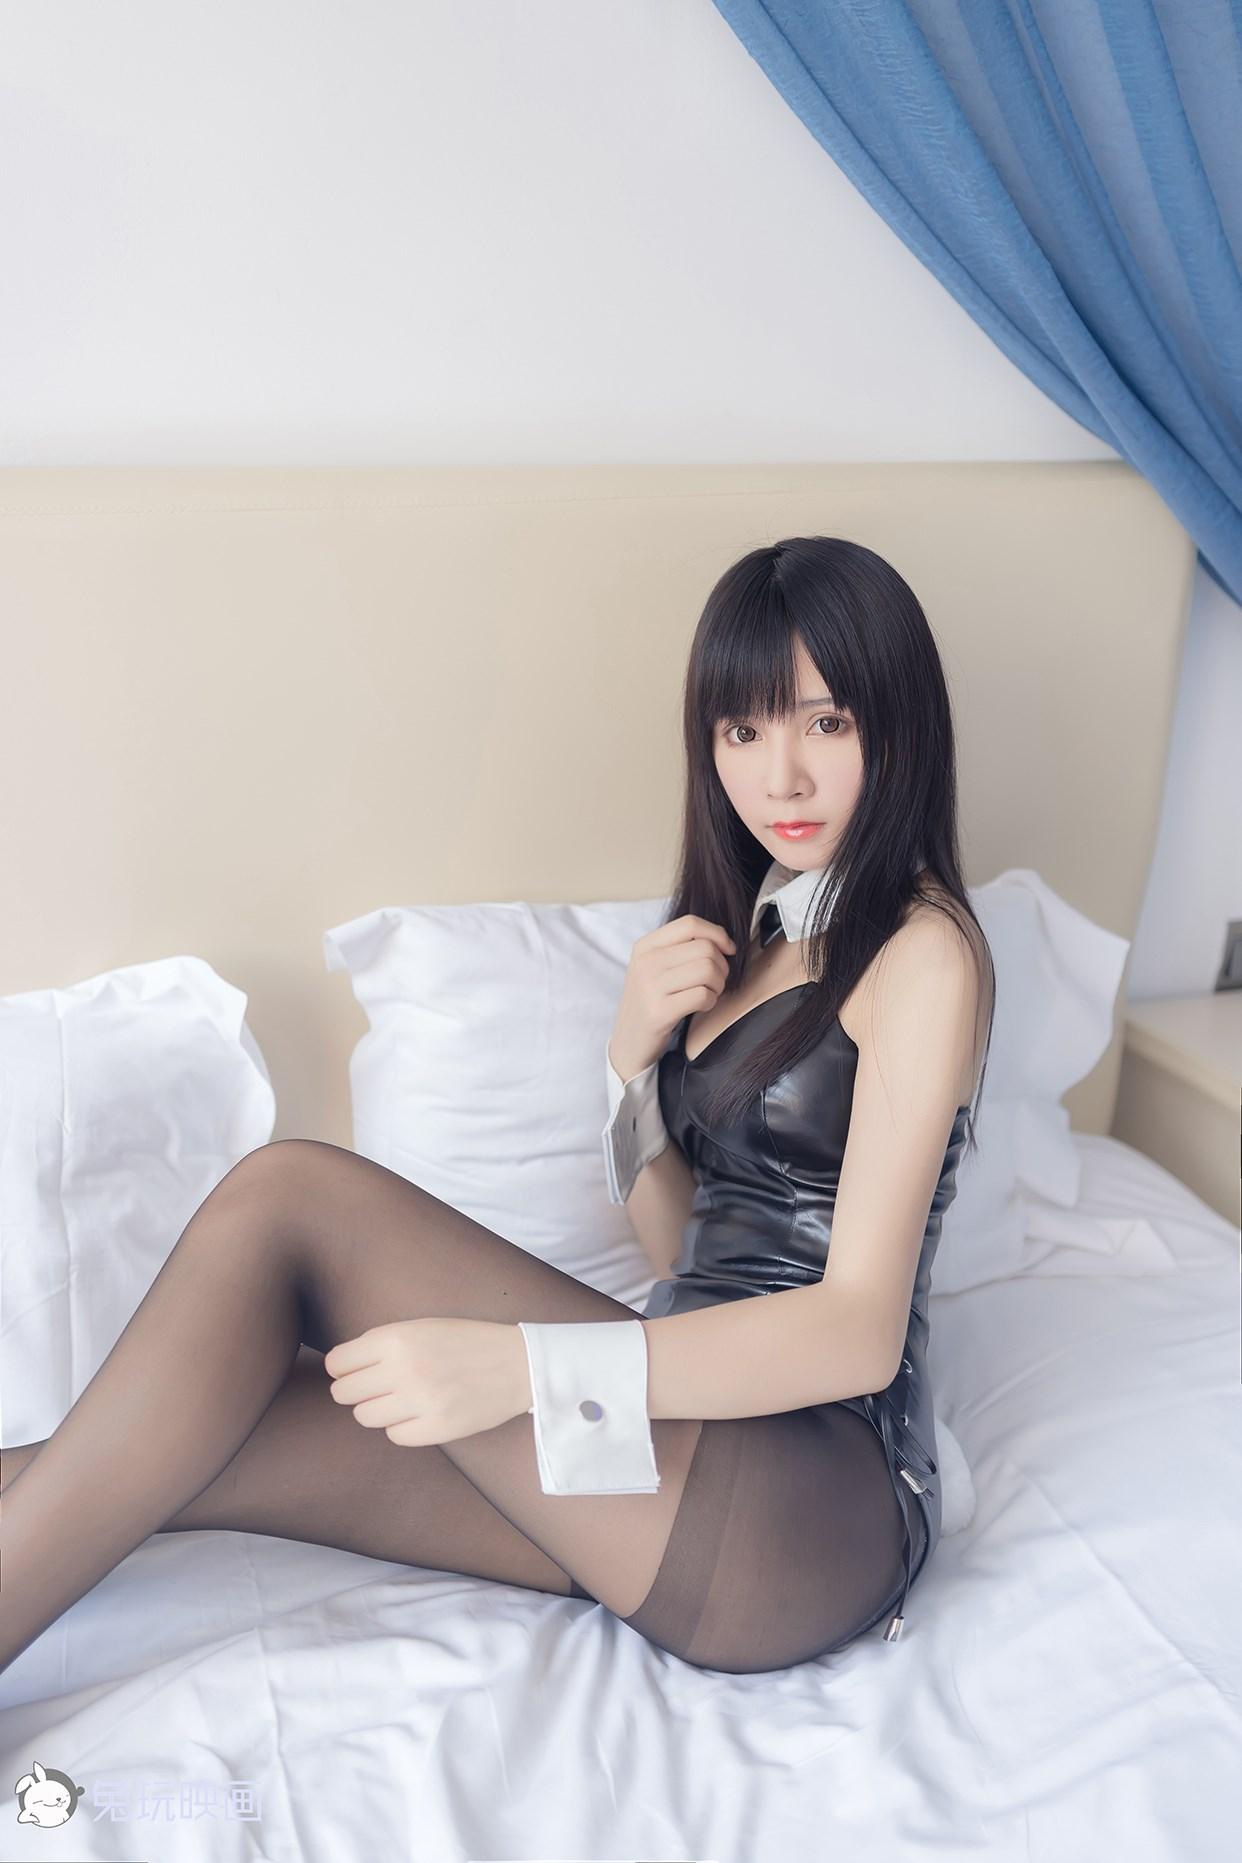 【兔玩映画】兔女郎vol.11 - 秋山 兔玩映画 第11张